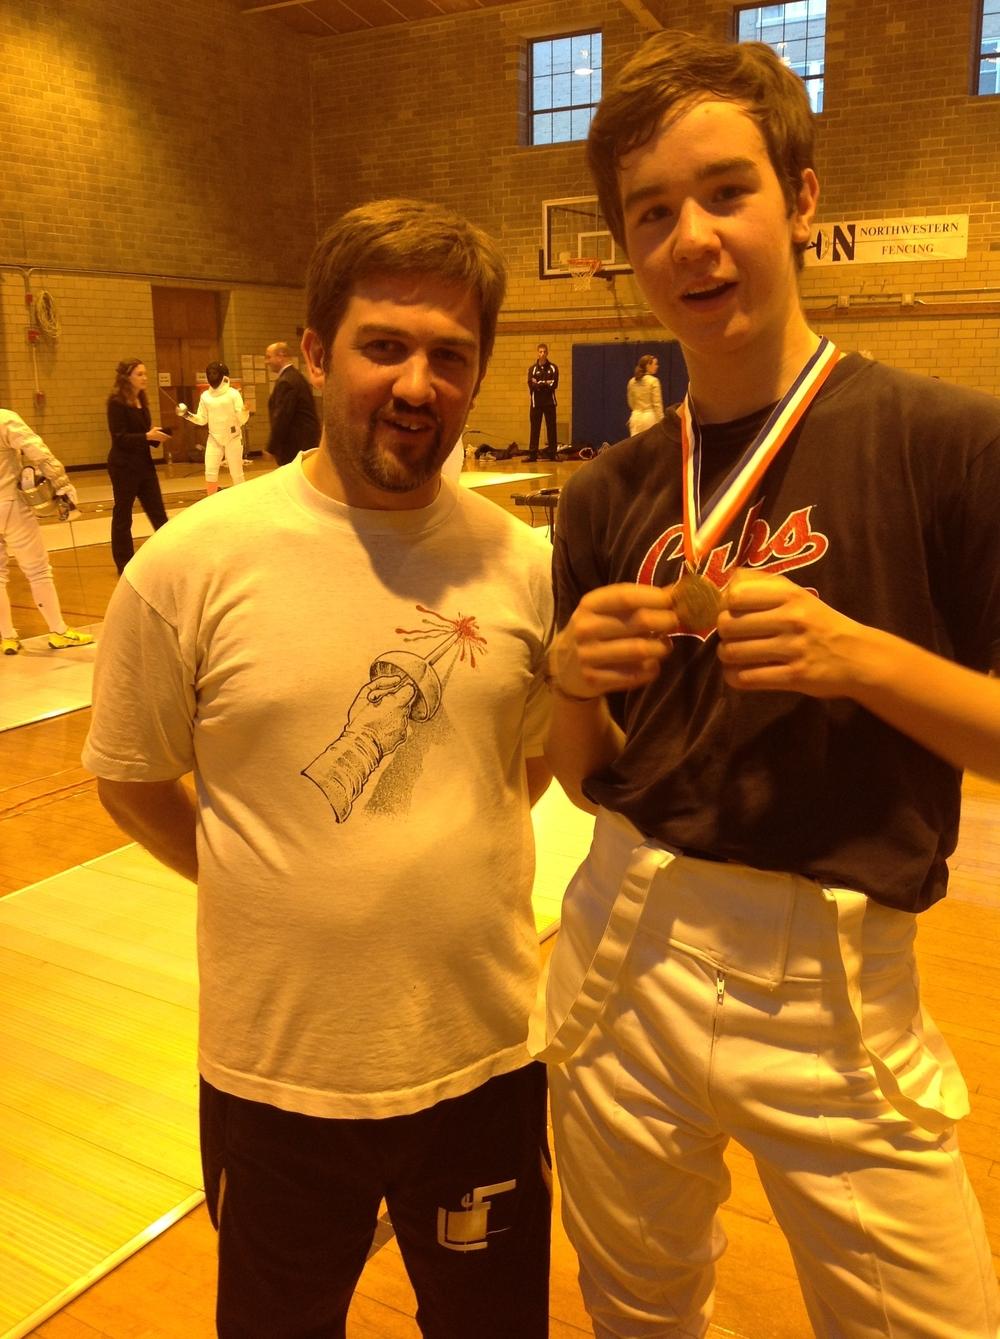 Jamie's 1st medal - Gold in Cadet Foil!